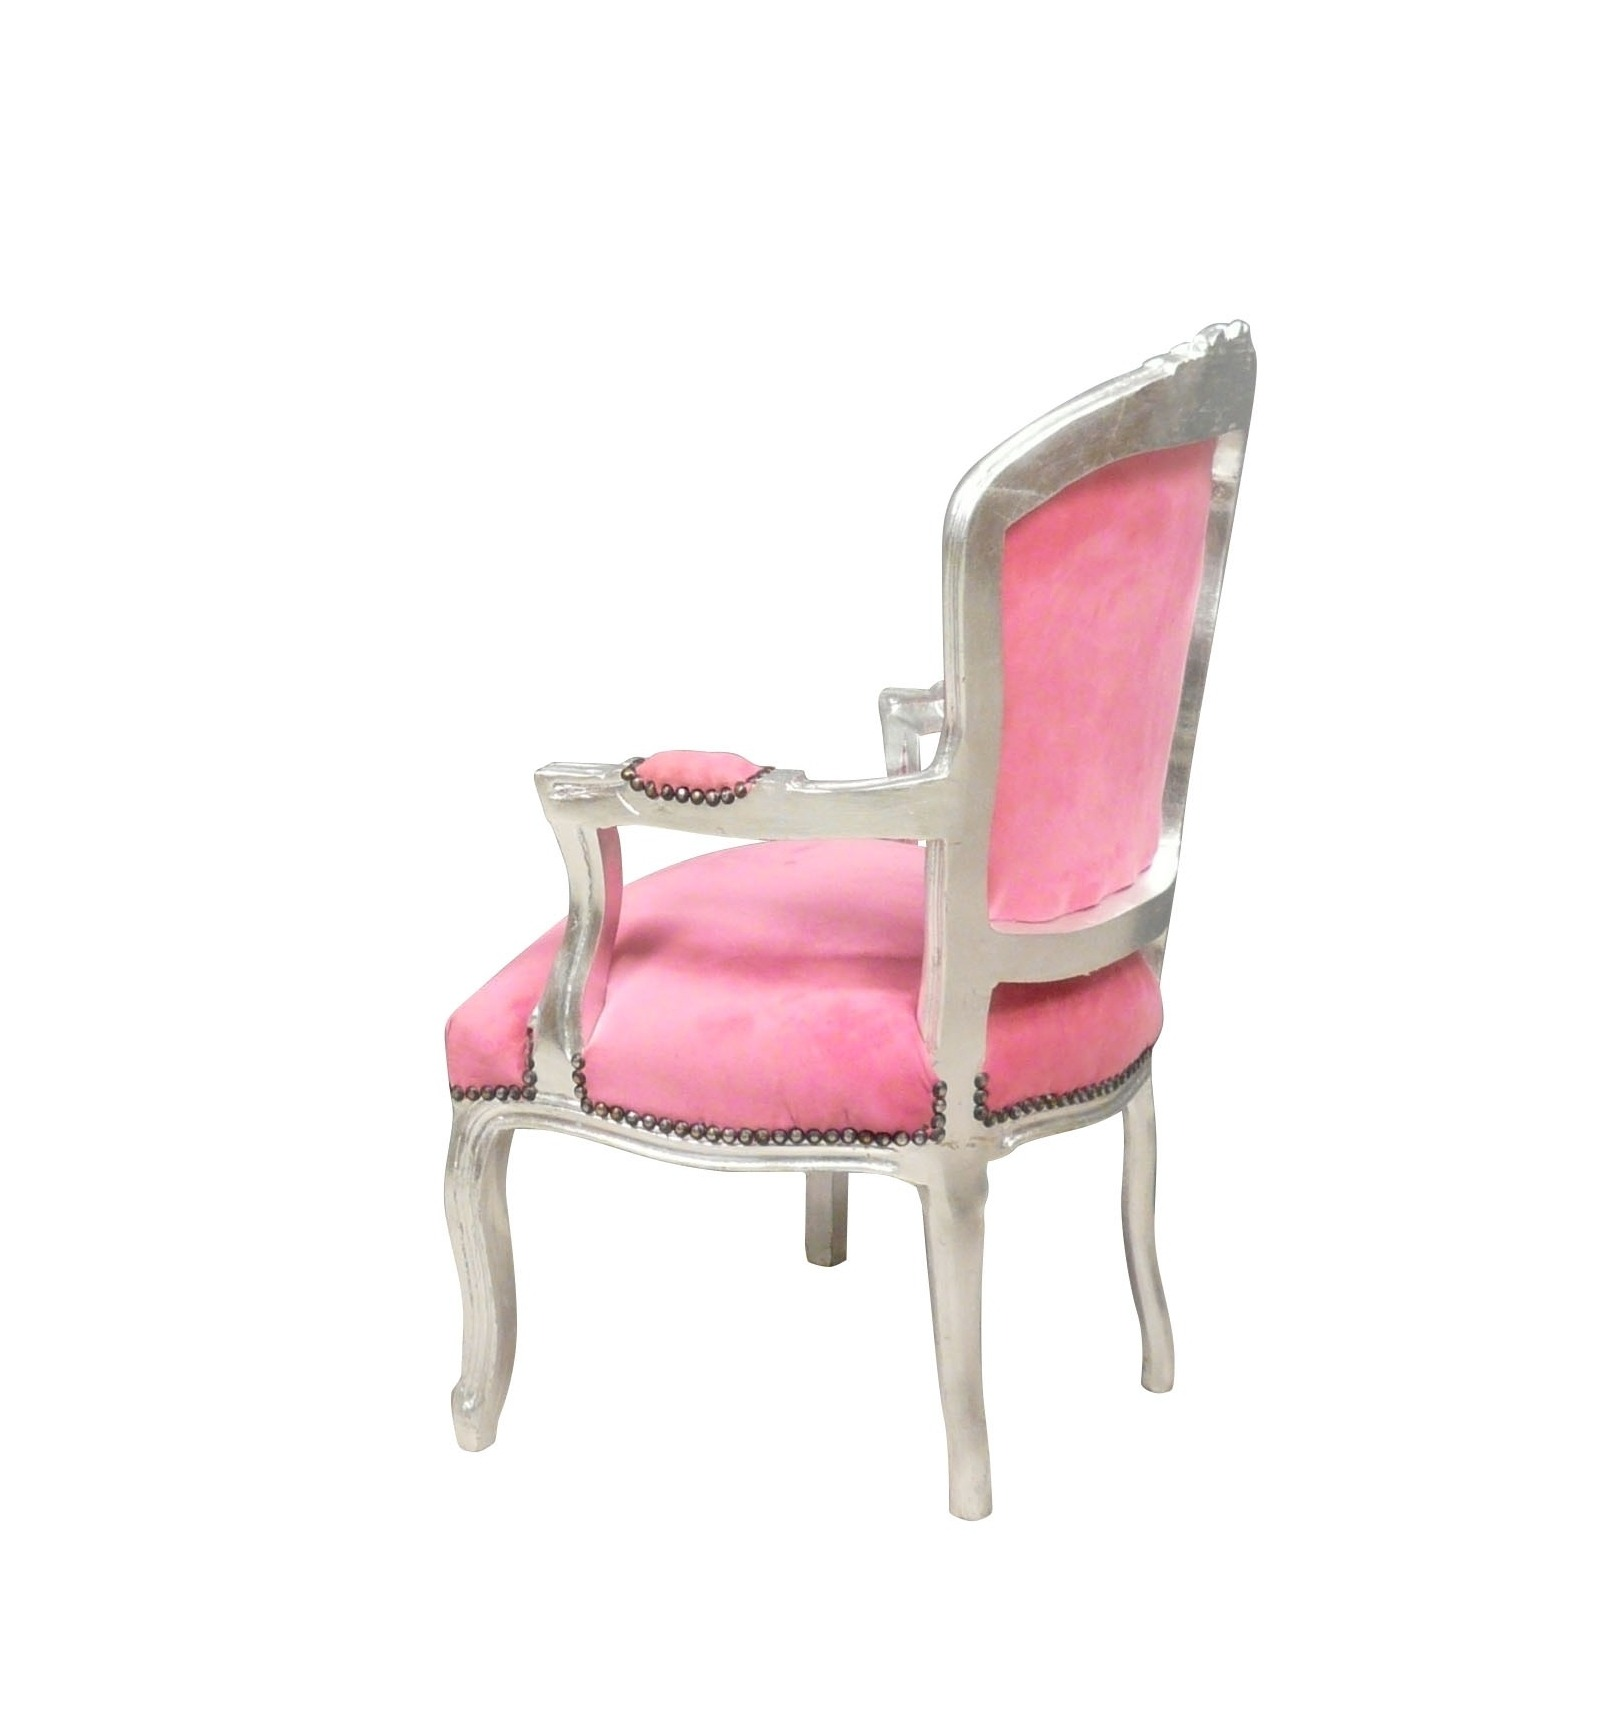 Fauteuil style baroque pas cher maison design for Cabriolet fauteuil pas cher